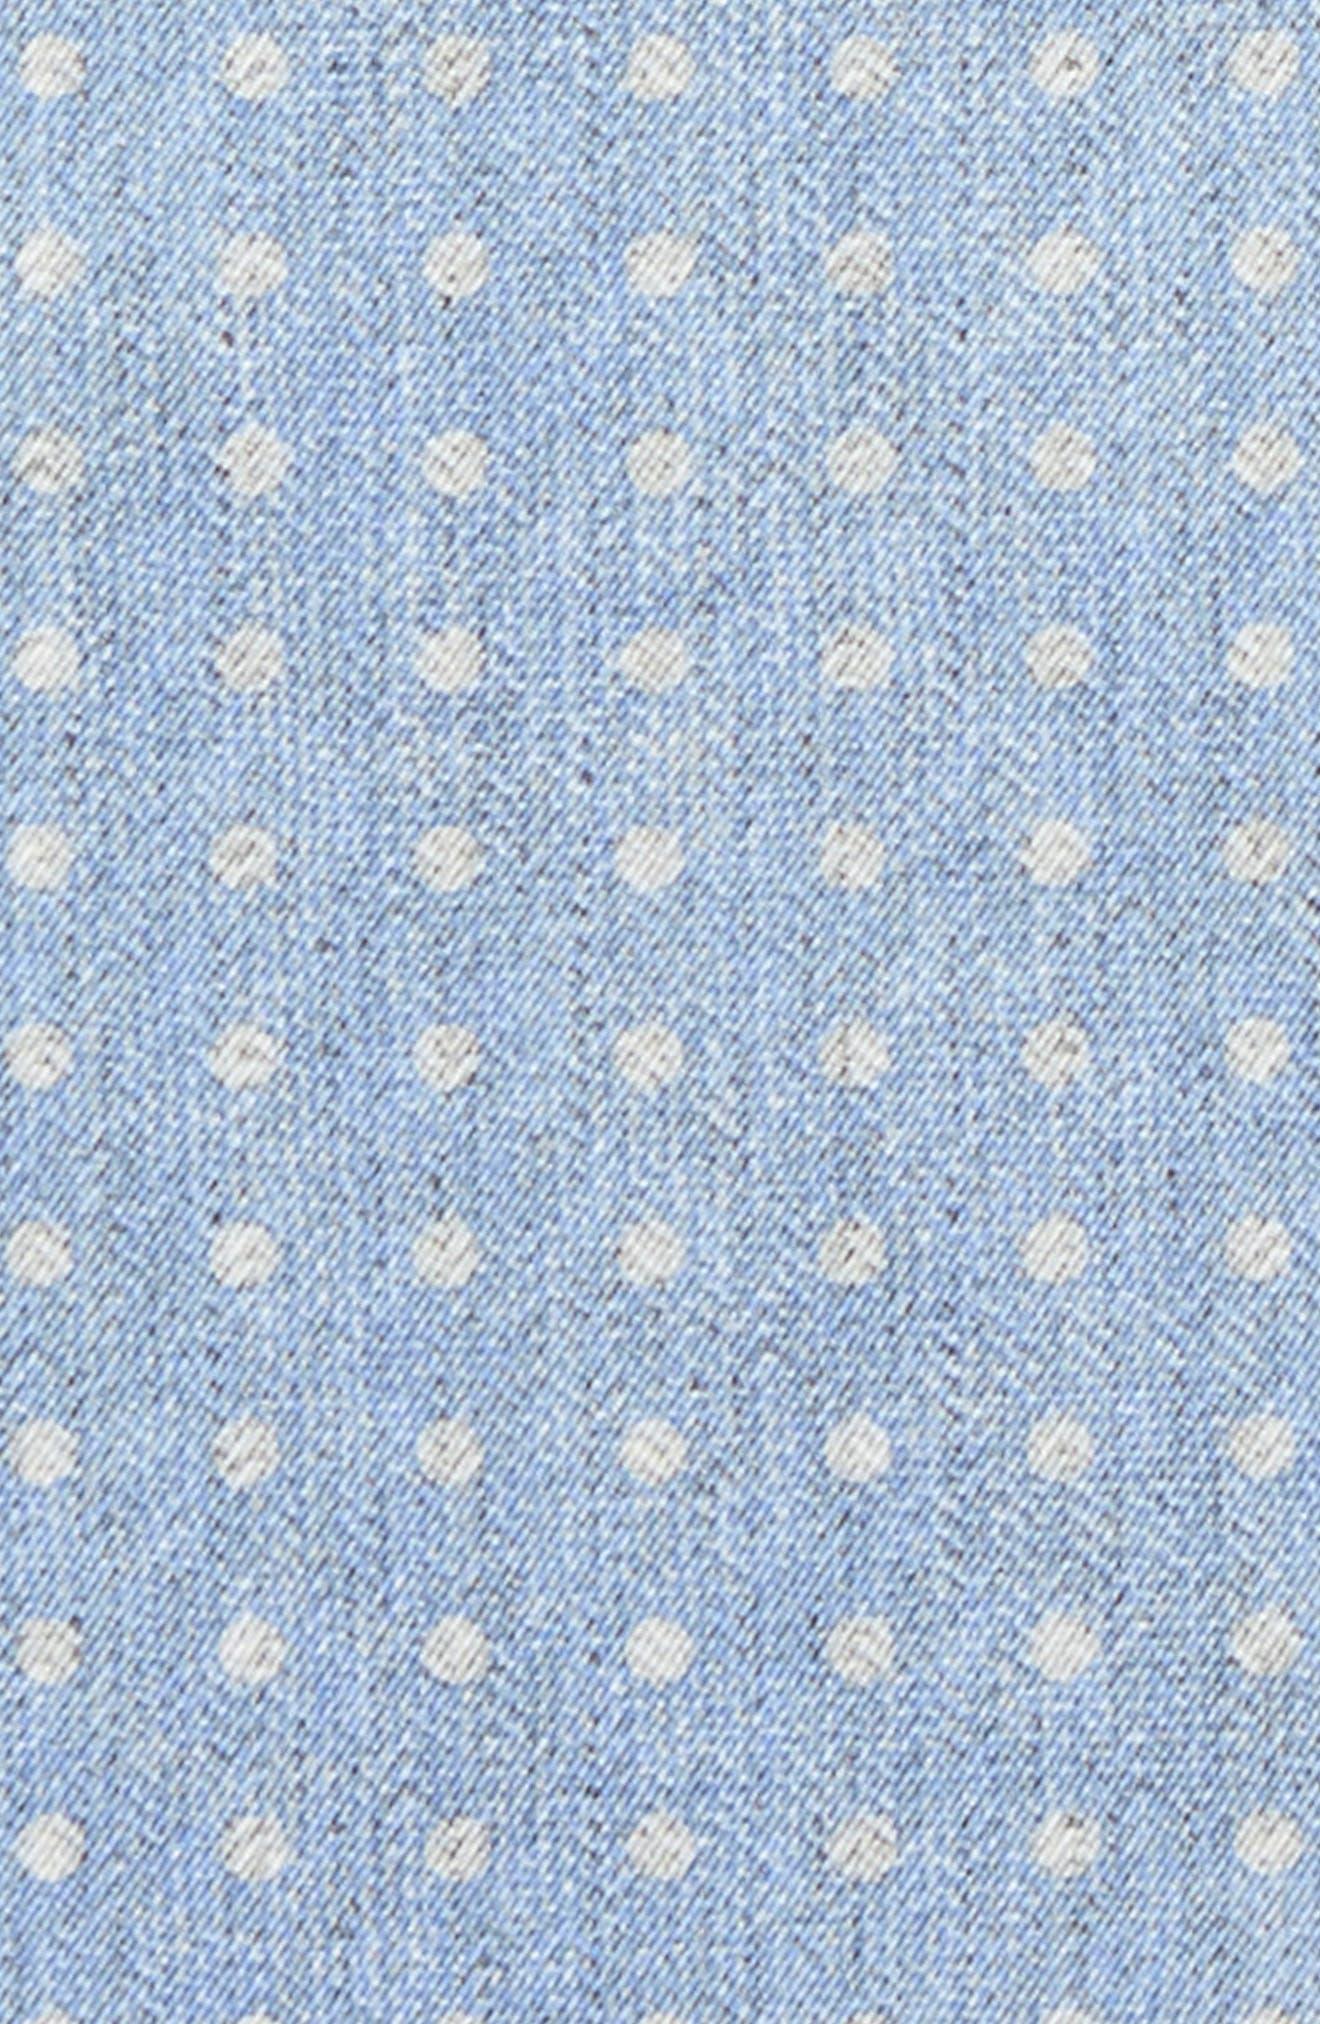 Dot Silk Pocket Square,                             Alternate thumbnail 9, color,